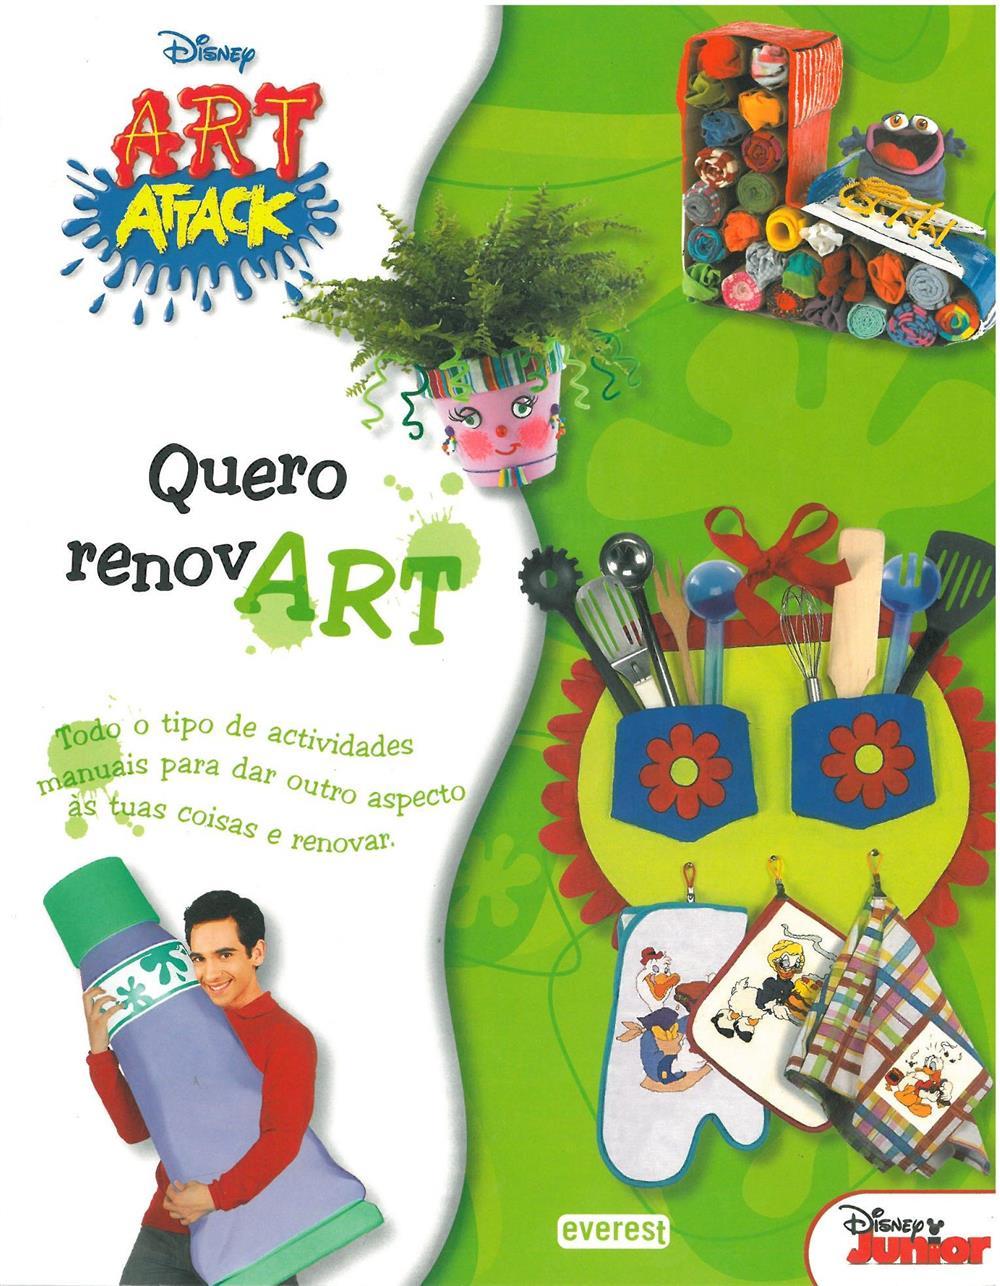 Art Attack_quero renovart_.jpg